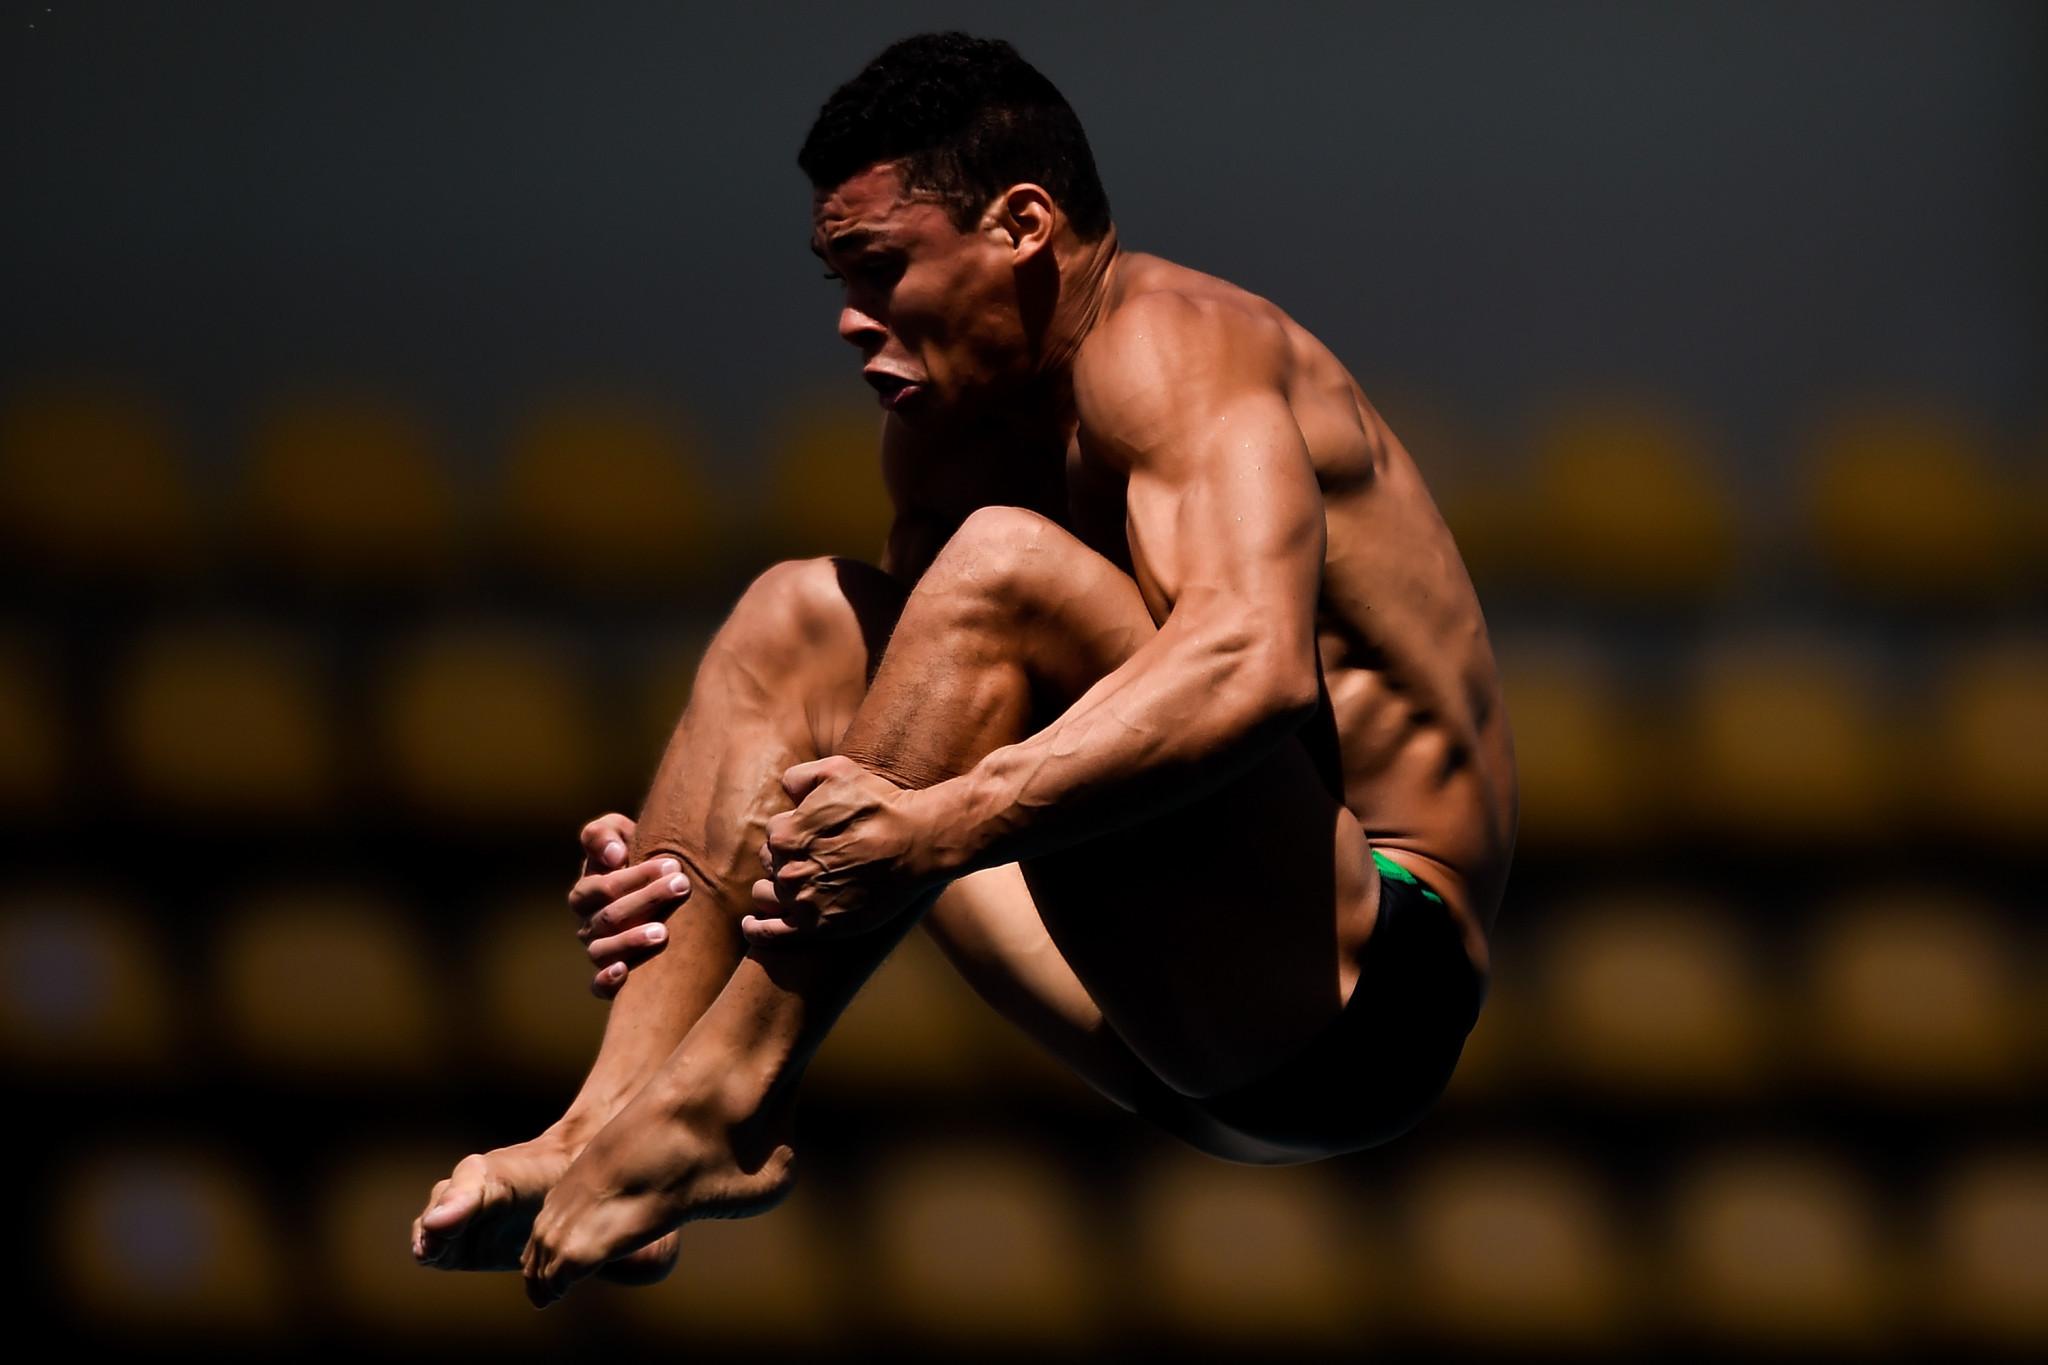 Puerto Rico's Rafael Quintero Diaz was the men's 10m platform gold medallist ©Getty Images